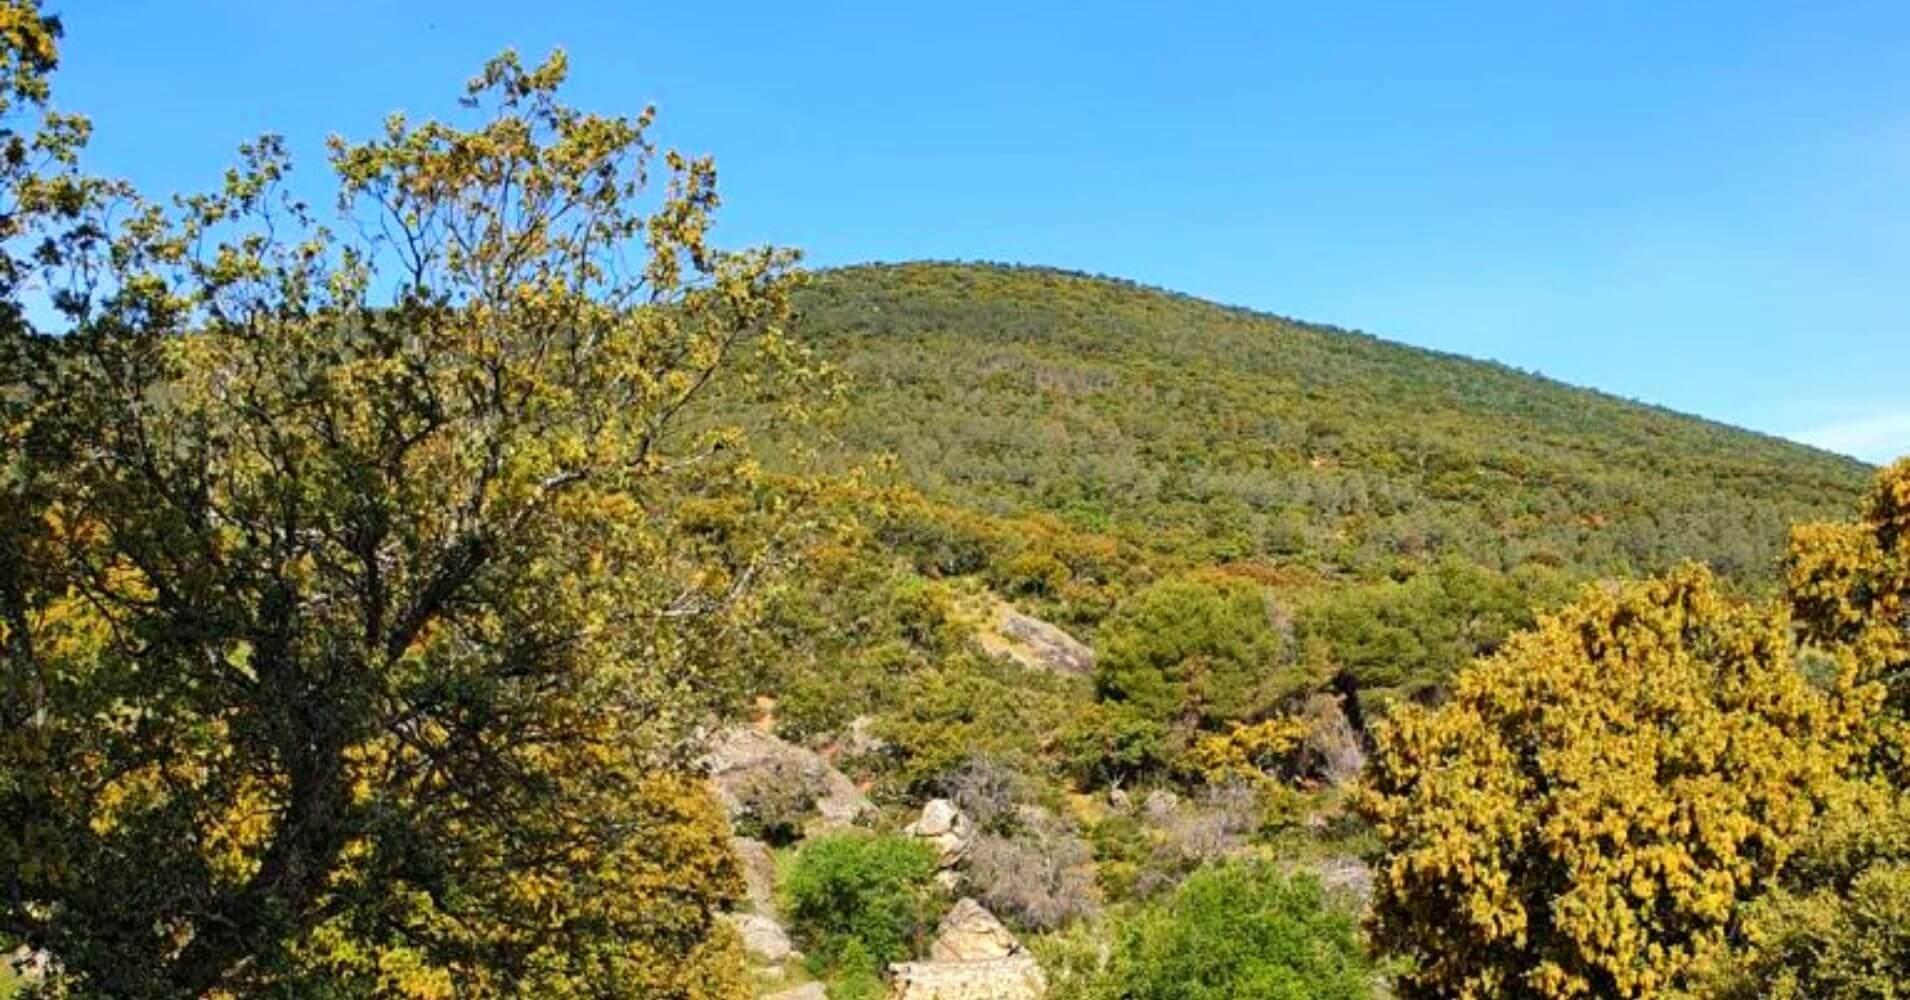 Montes de Toledo. Hontanar, Castilla La Mancha.